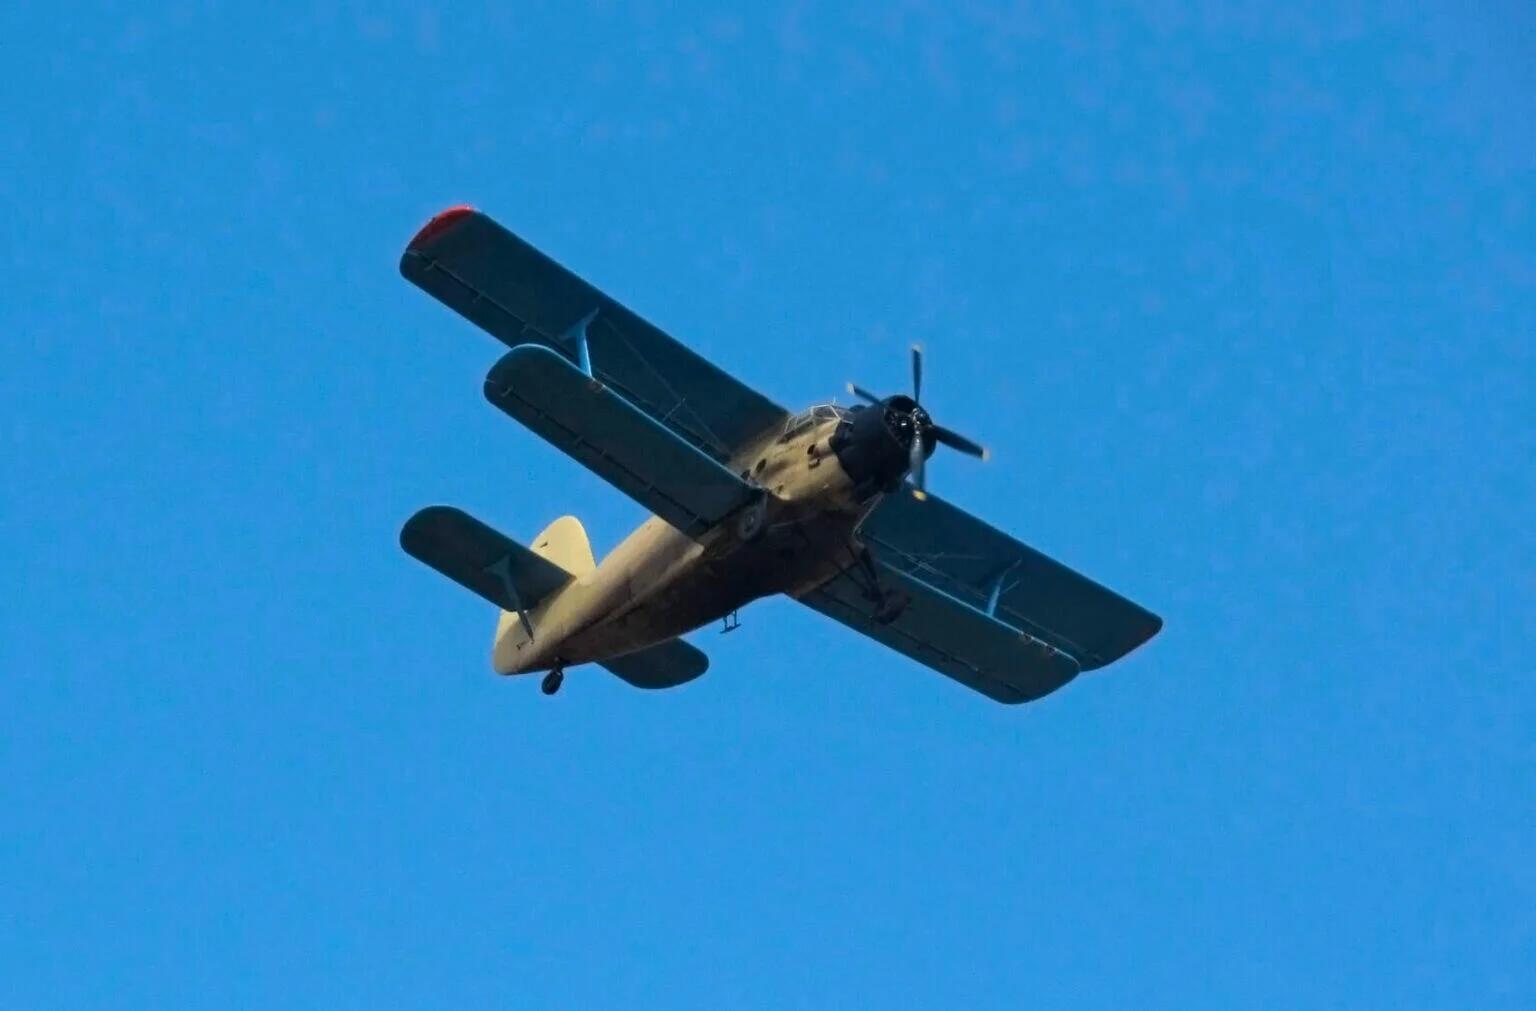 【莆田向日葵成视频人app下载】_阿塞拜疆把年过半百的老飞机改造成无人机 用于空中侦察